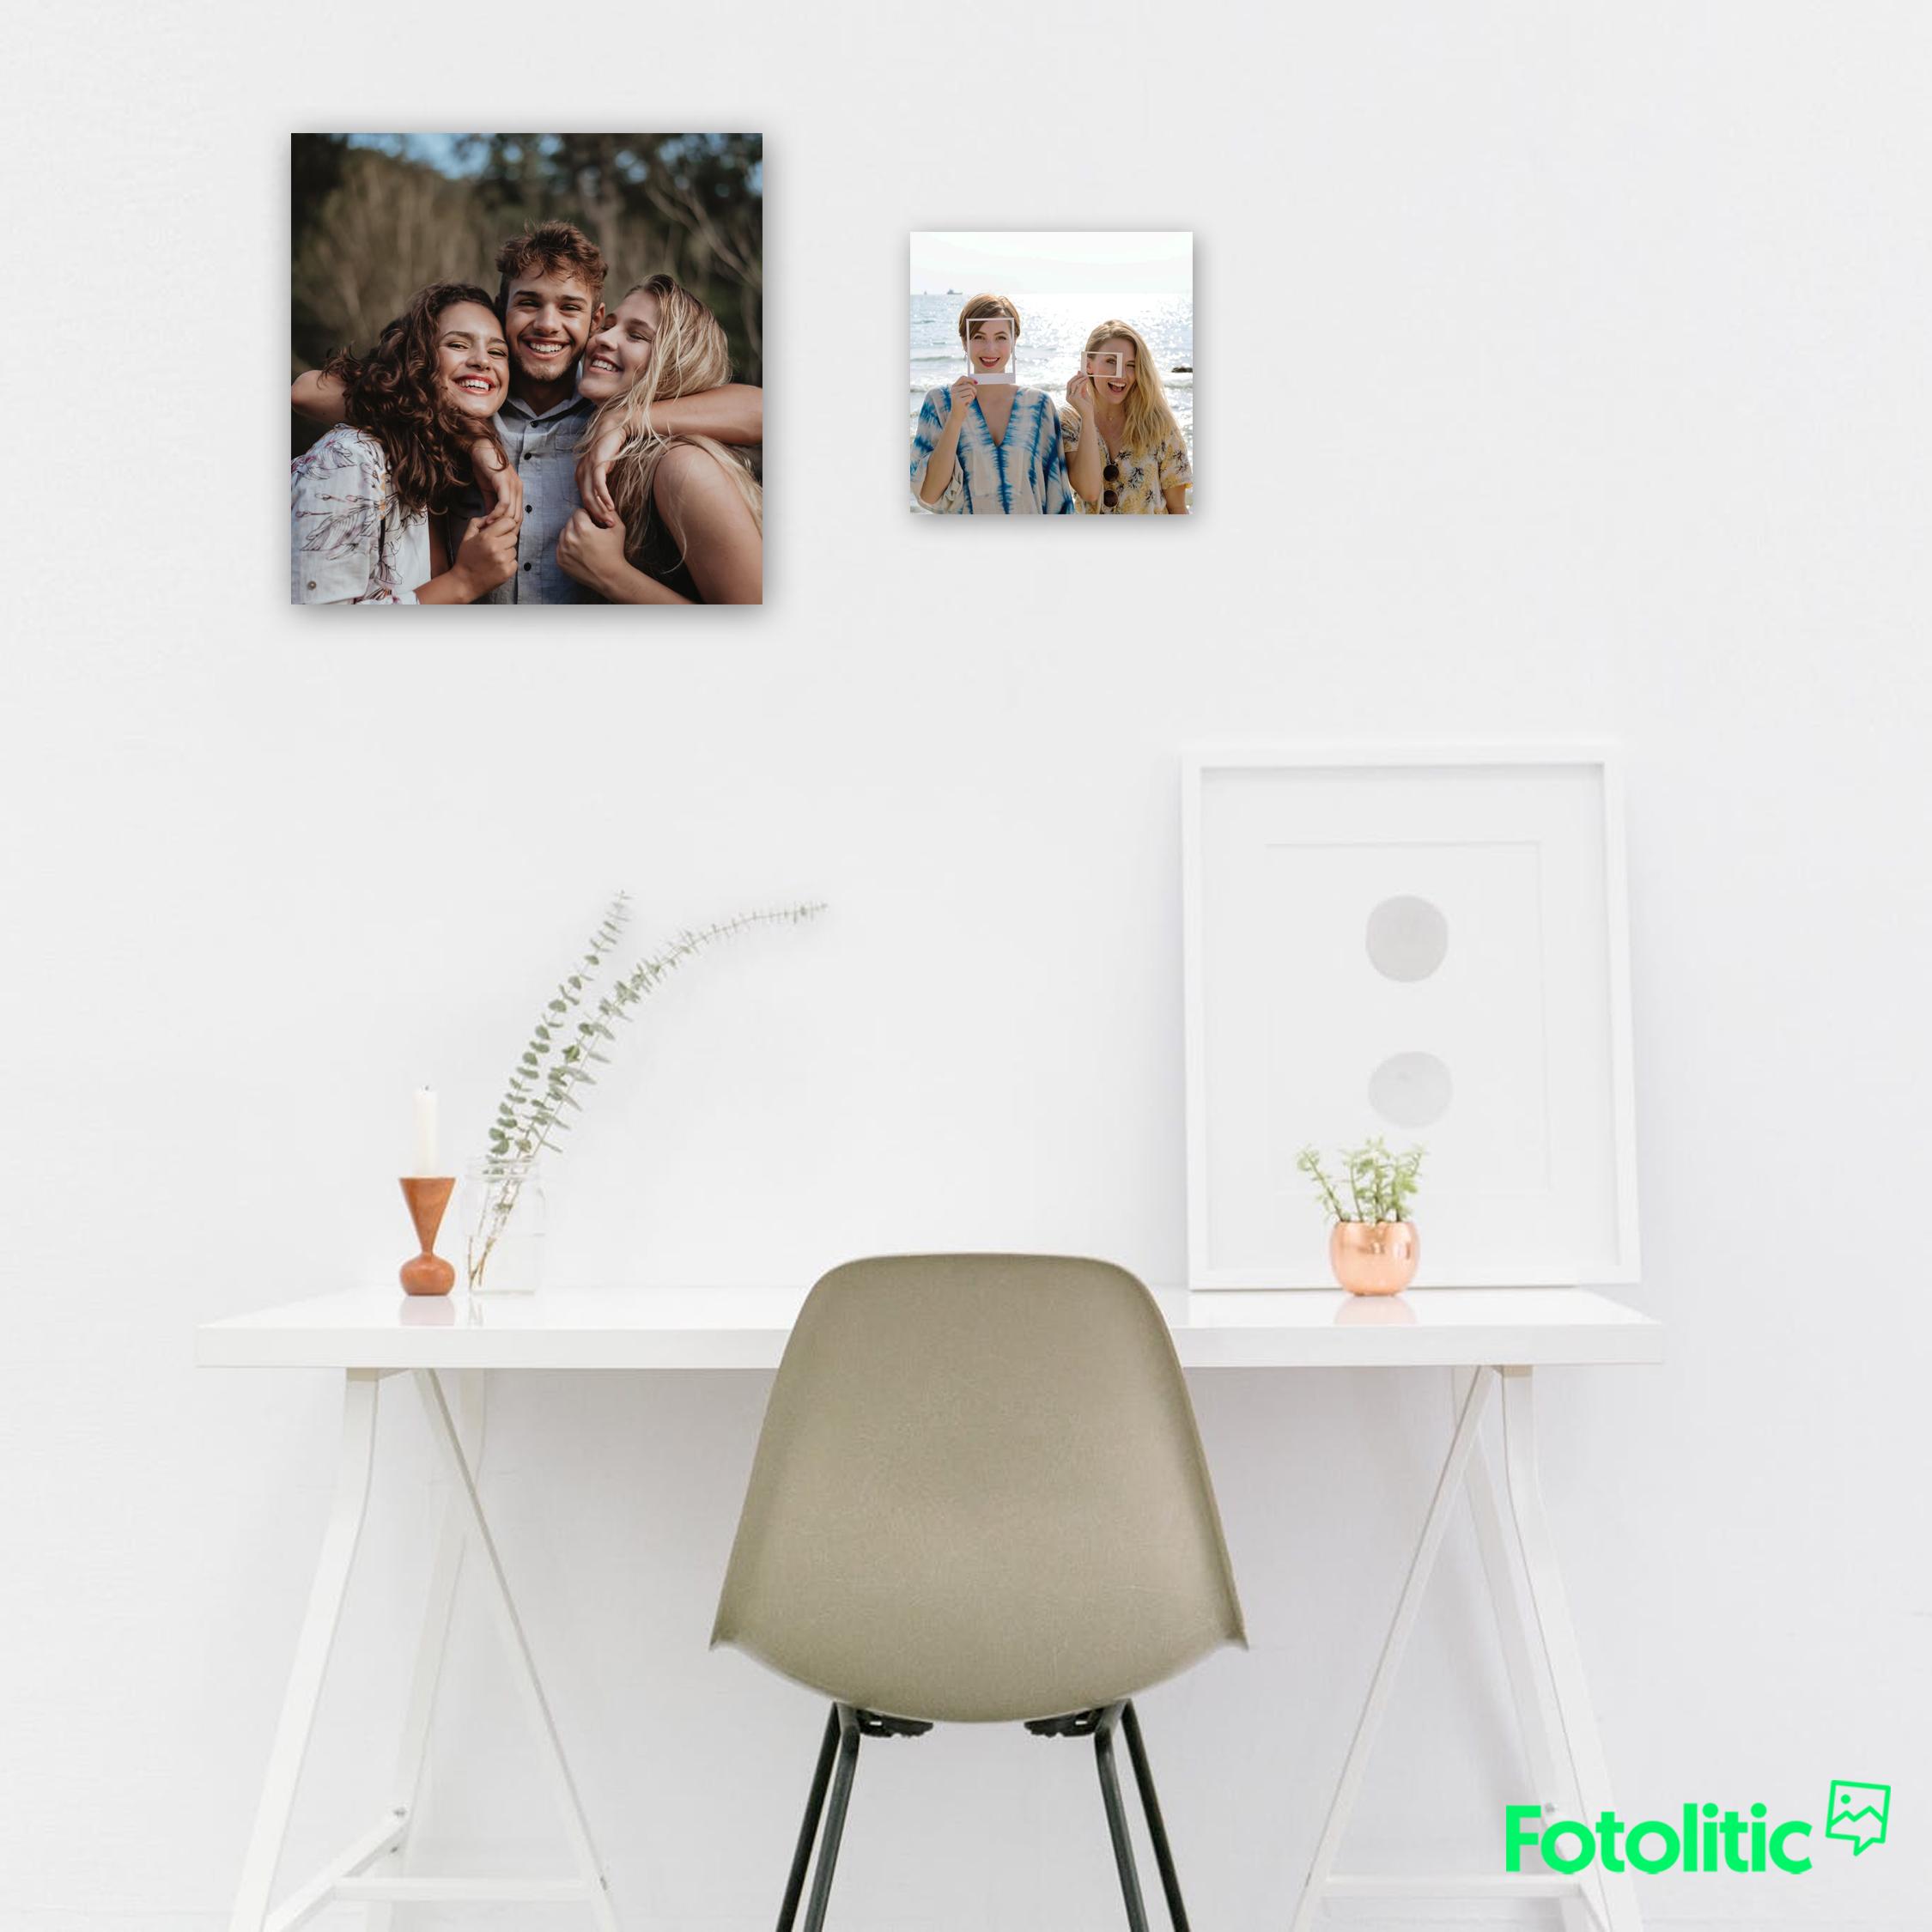 fotos_en_madera_formato_grande_por_whatsapp.jpg